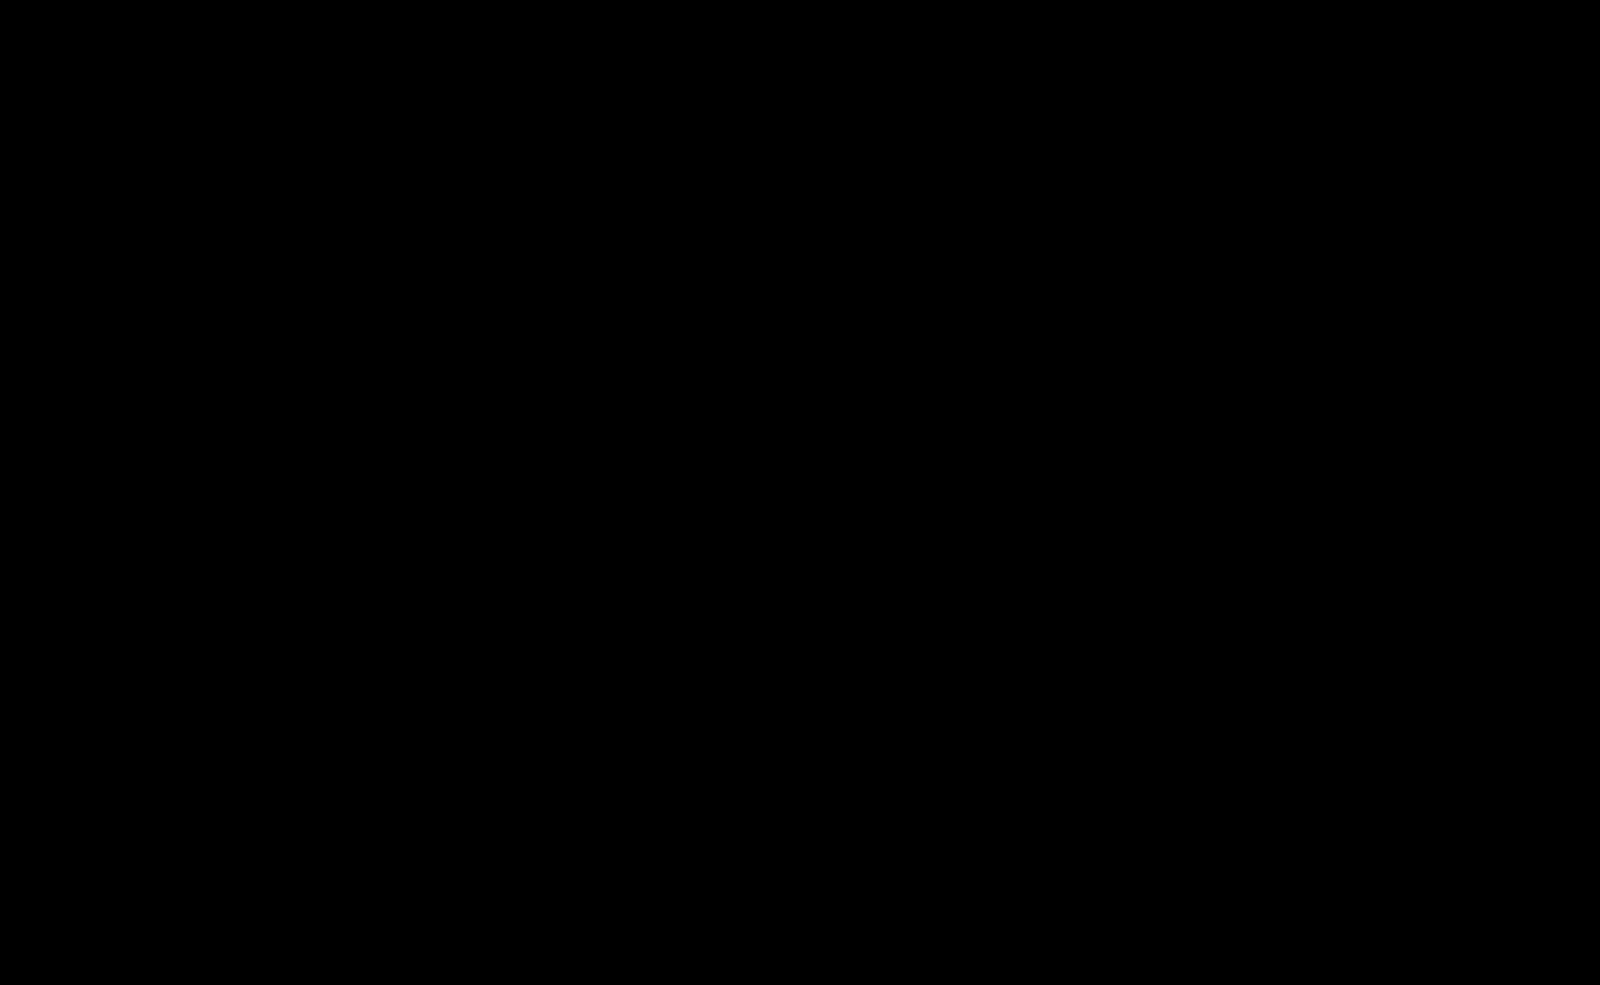 converse logo 4 - Converse Logo